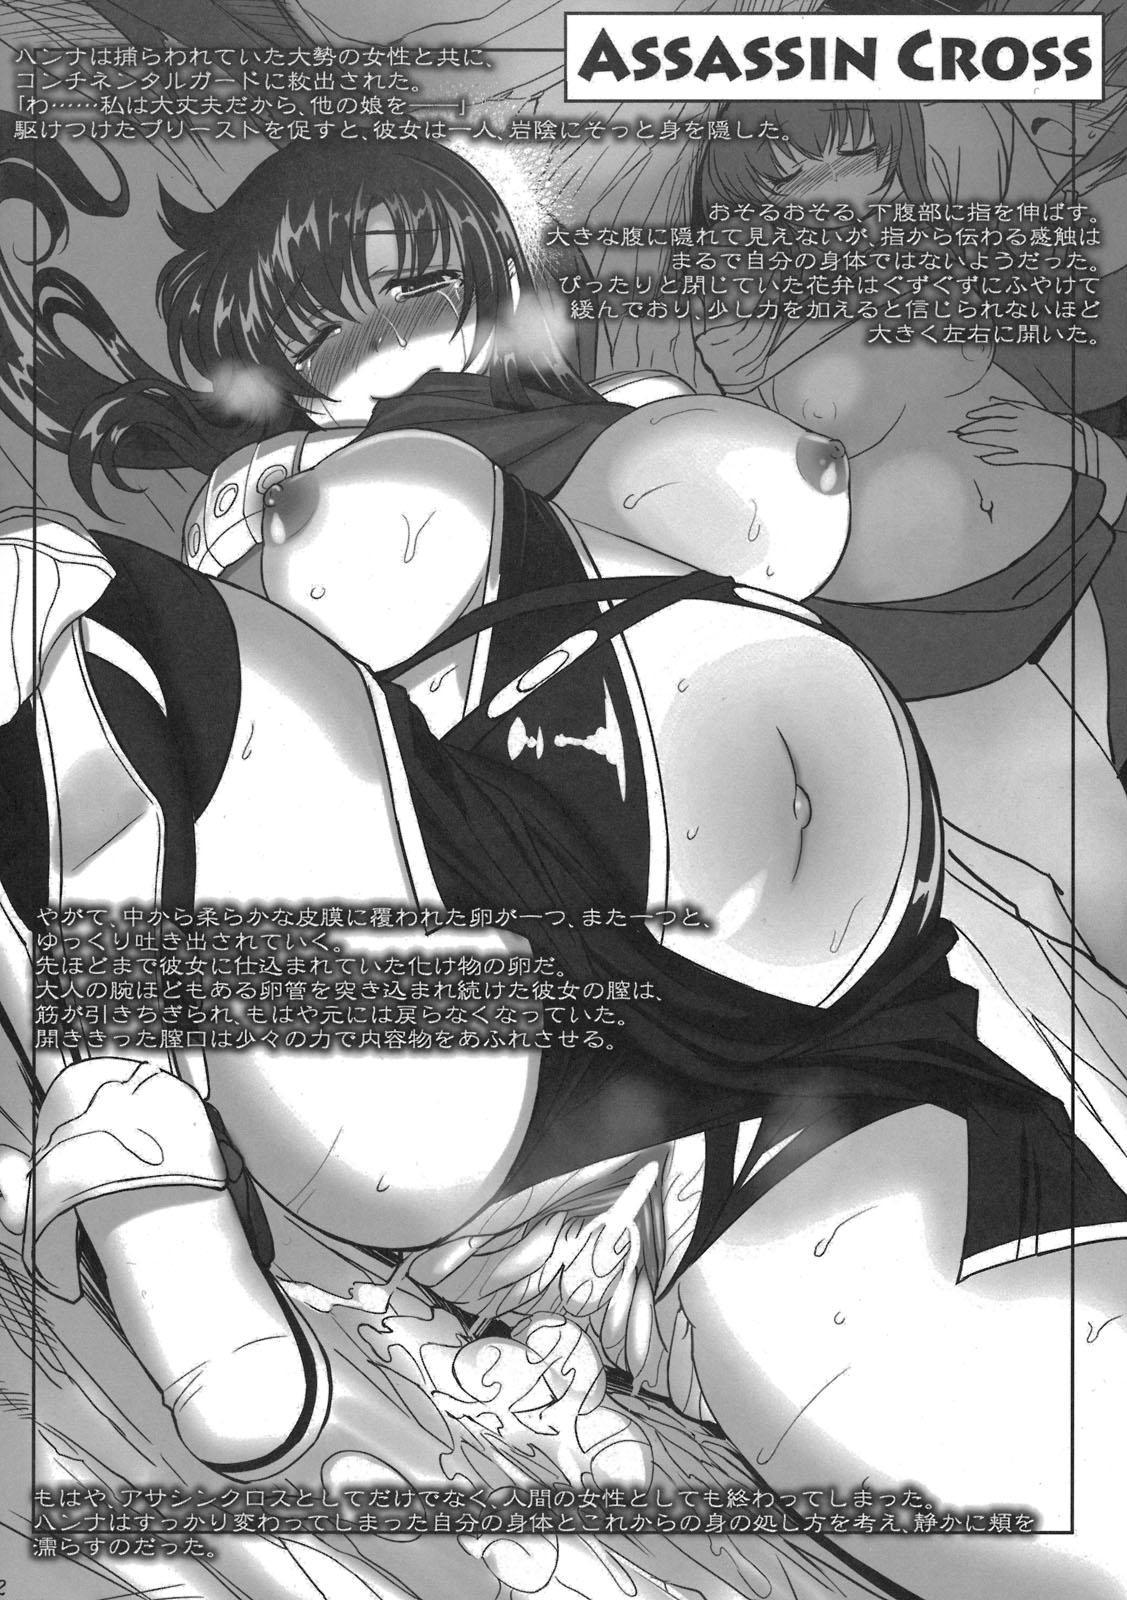 Shokusha 4 no Omake Hon 1